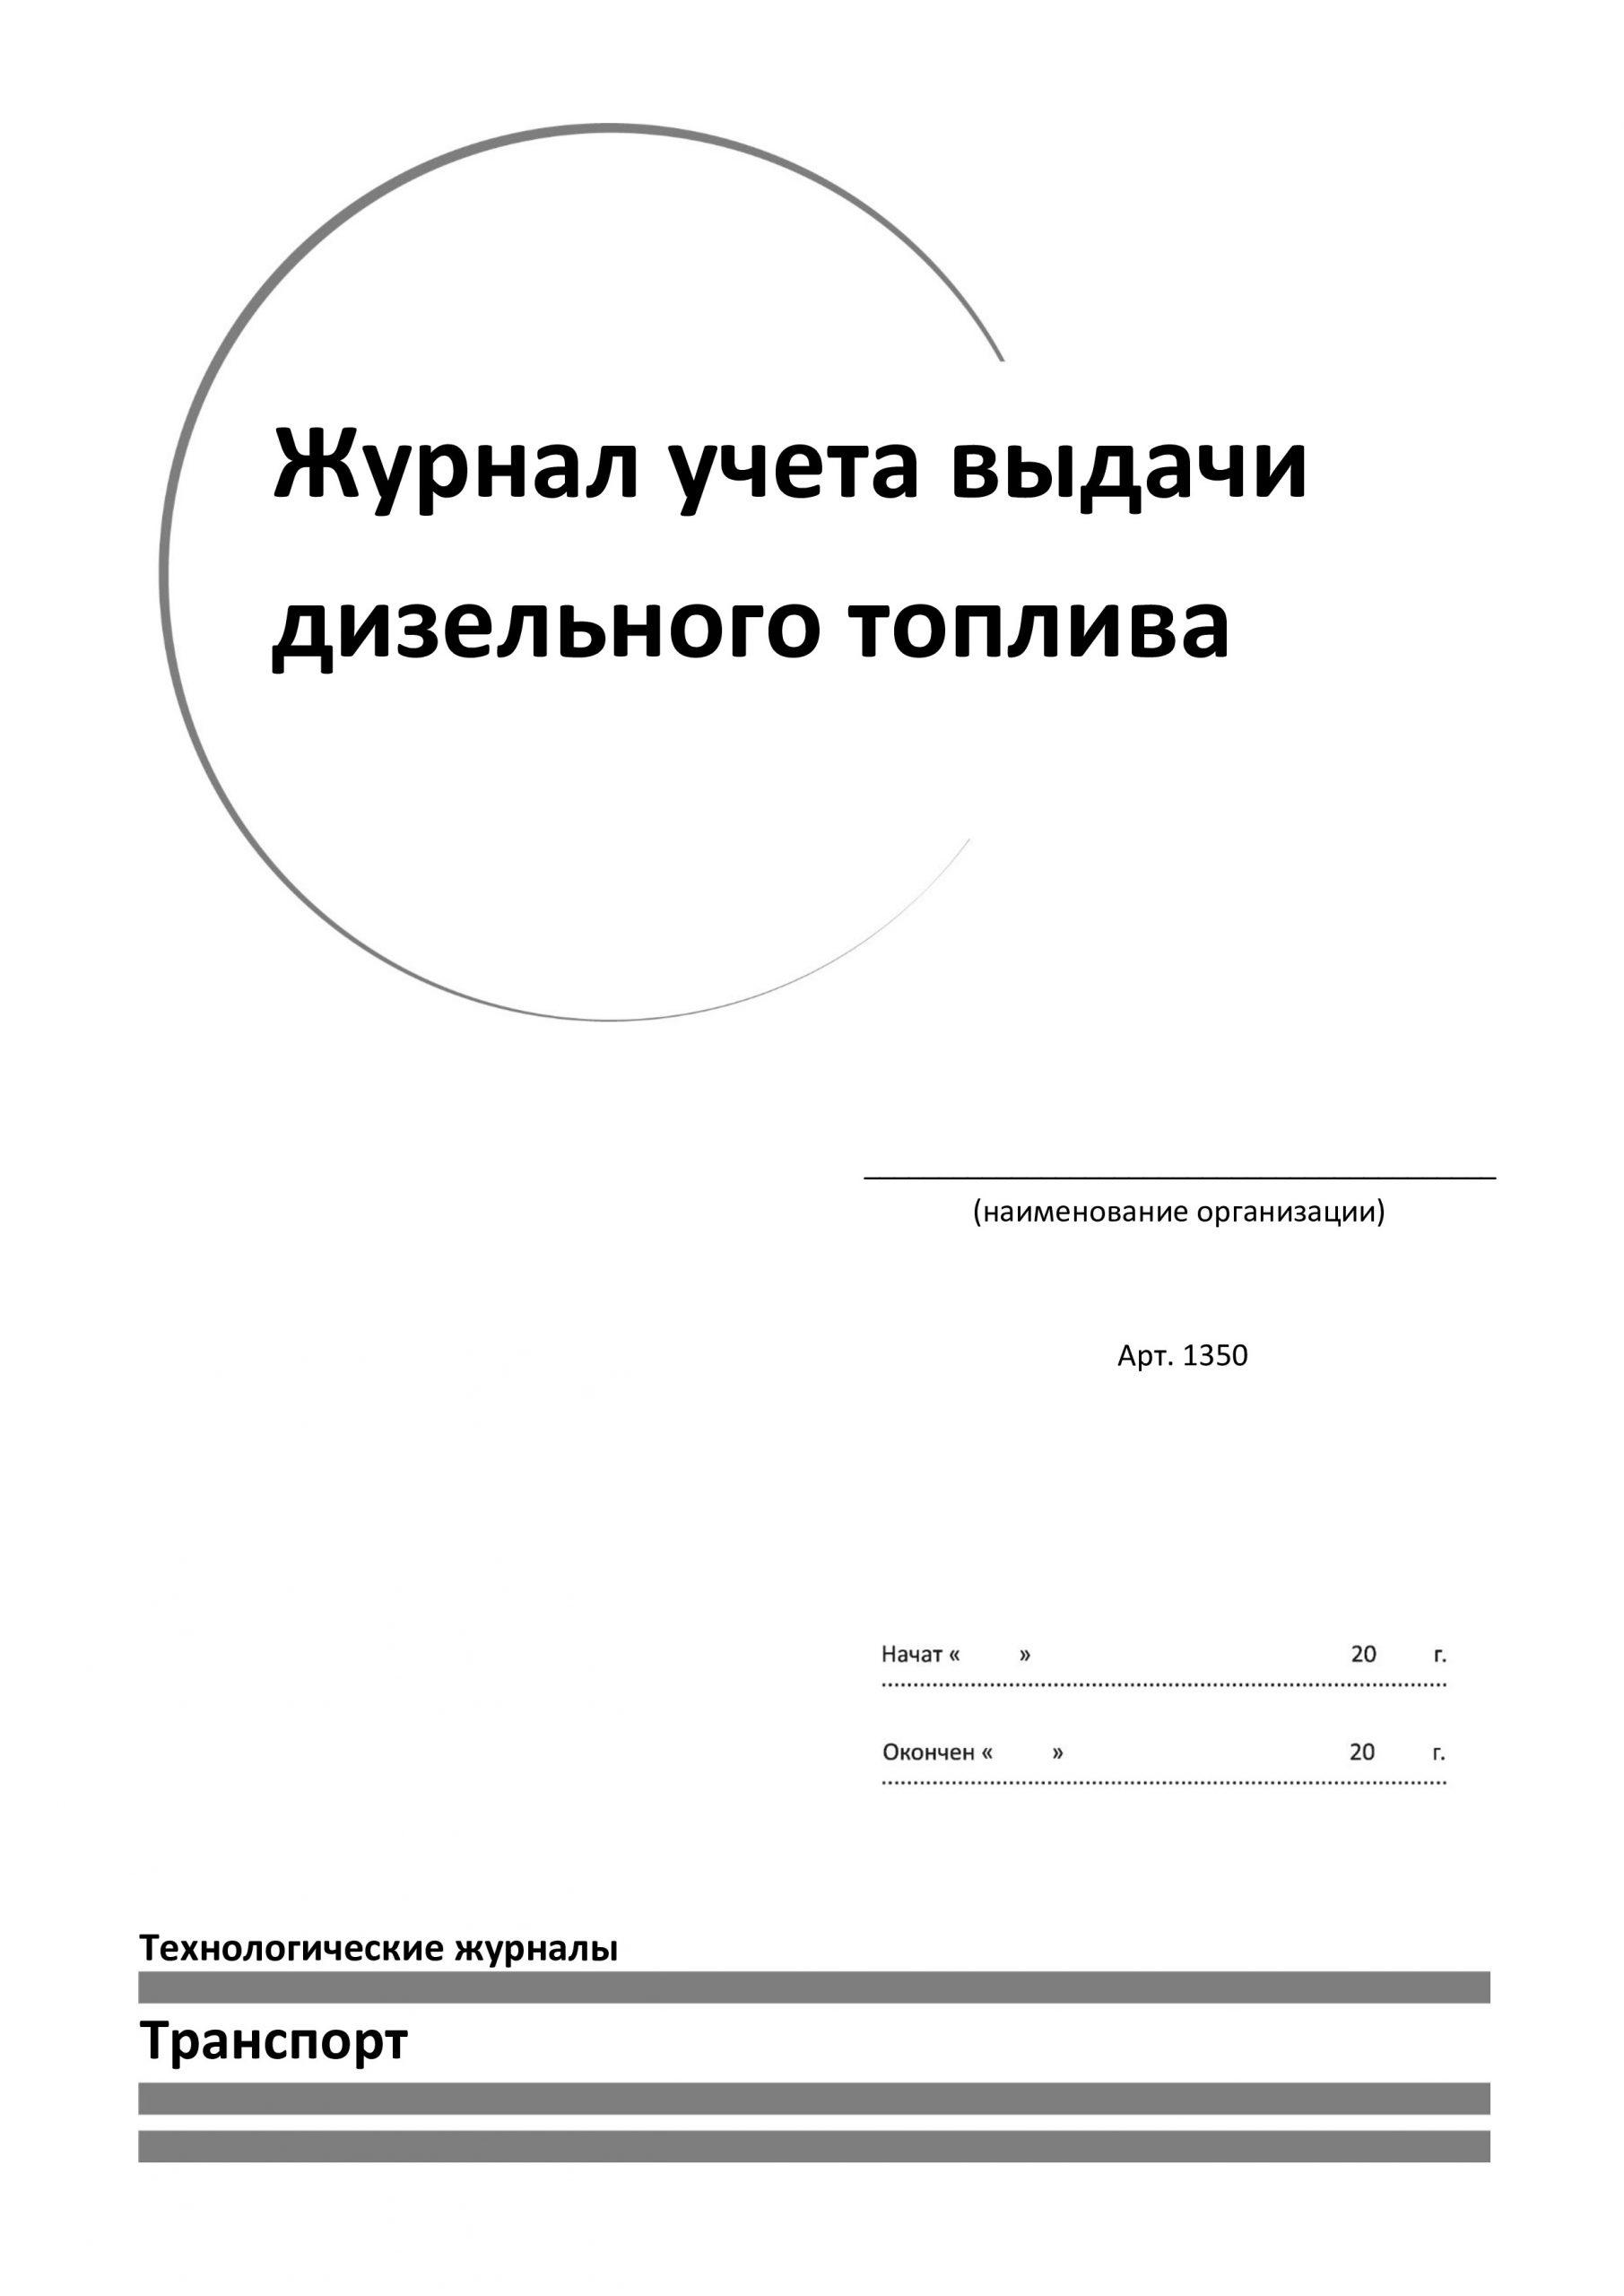 Печать журналов учета в Москве | фото 5